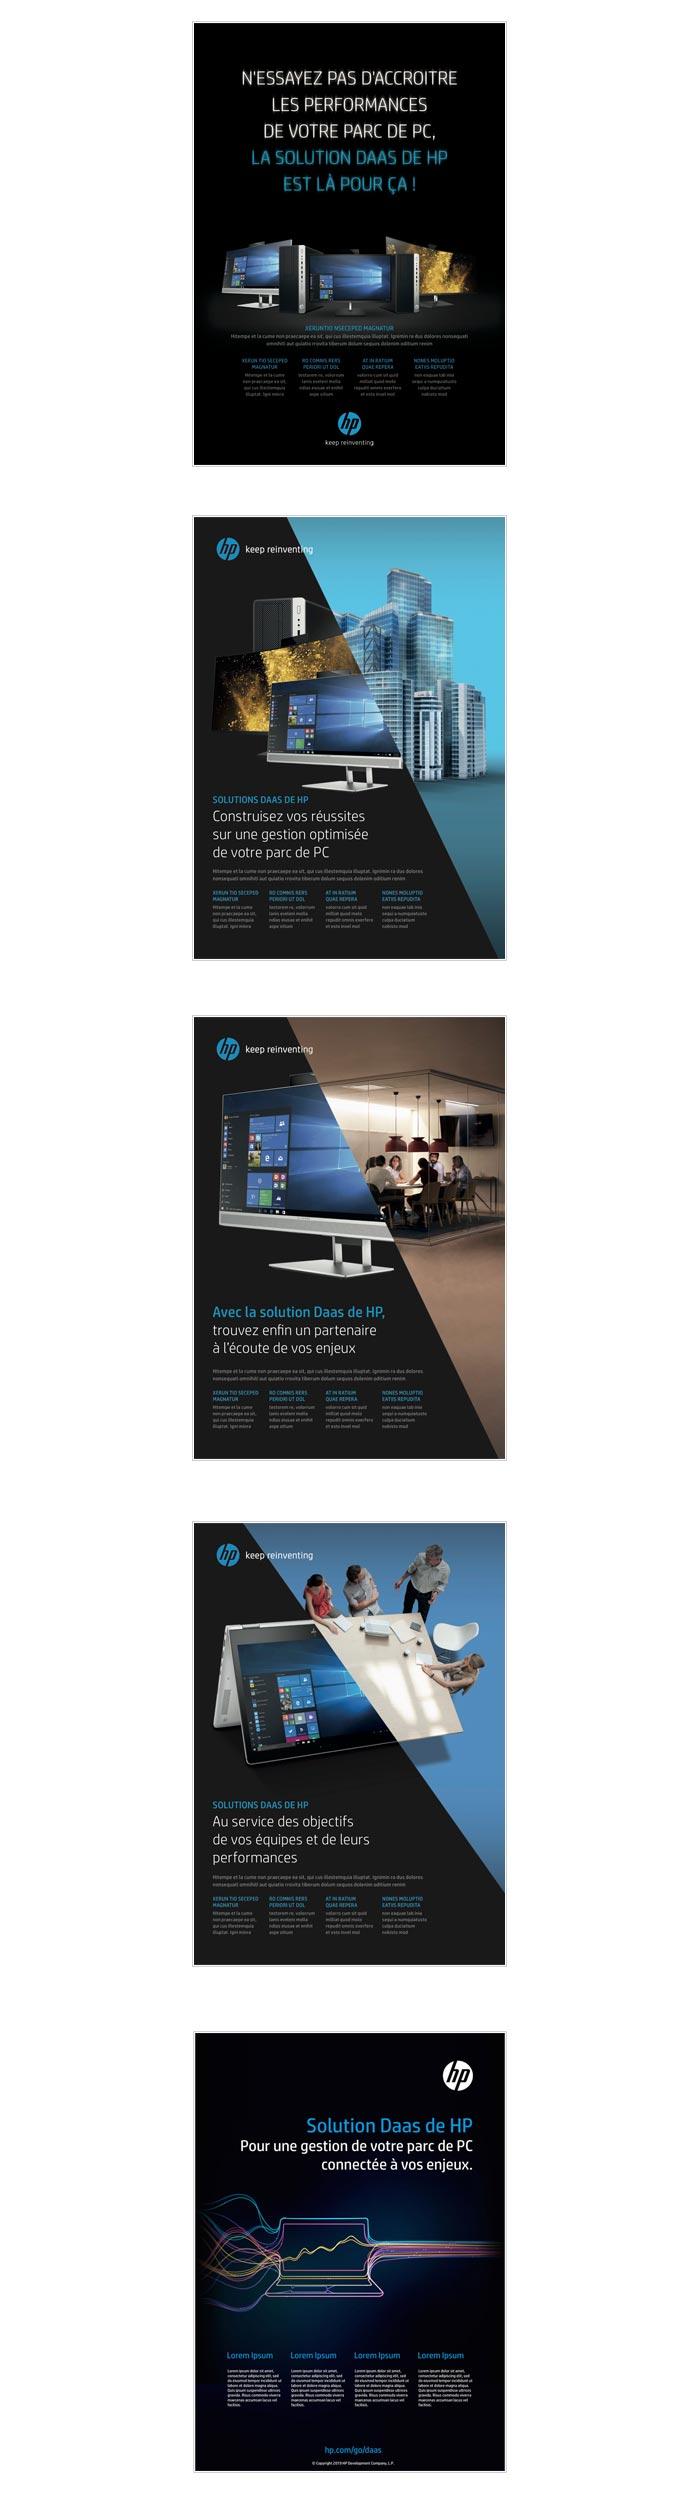 publicités BtoB pour solutions DaaS